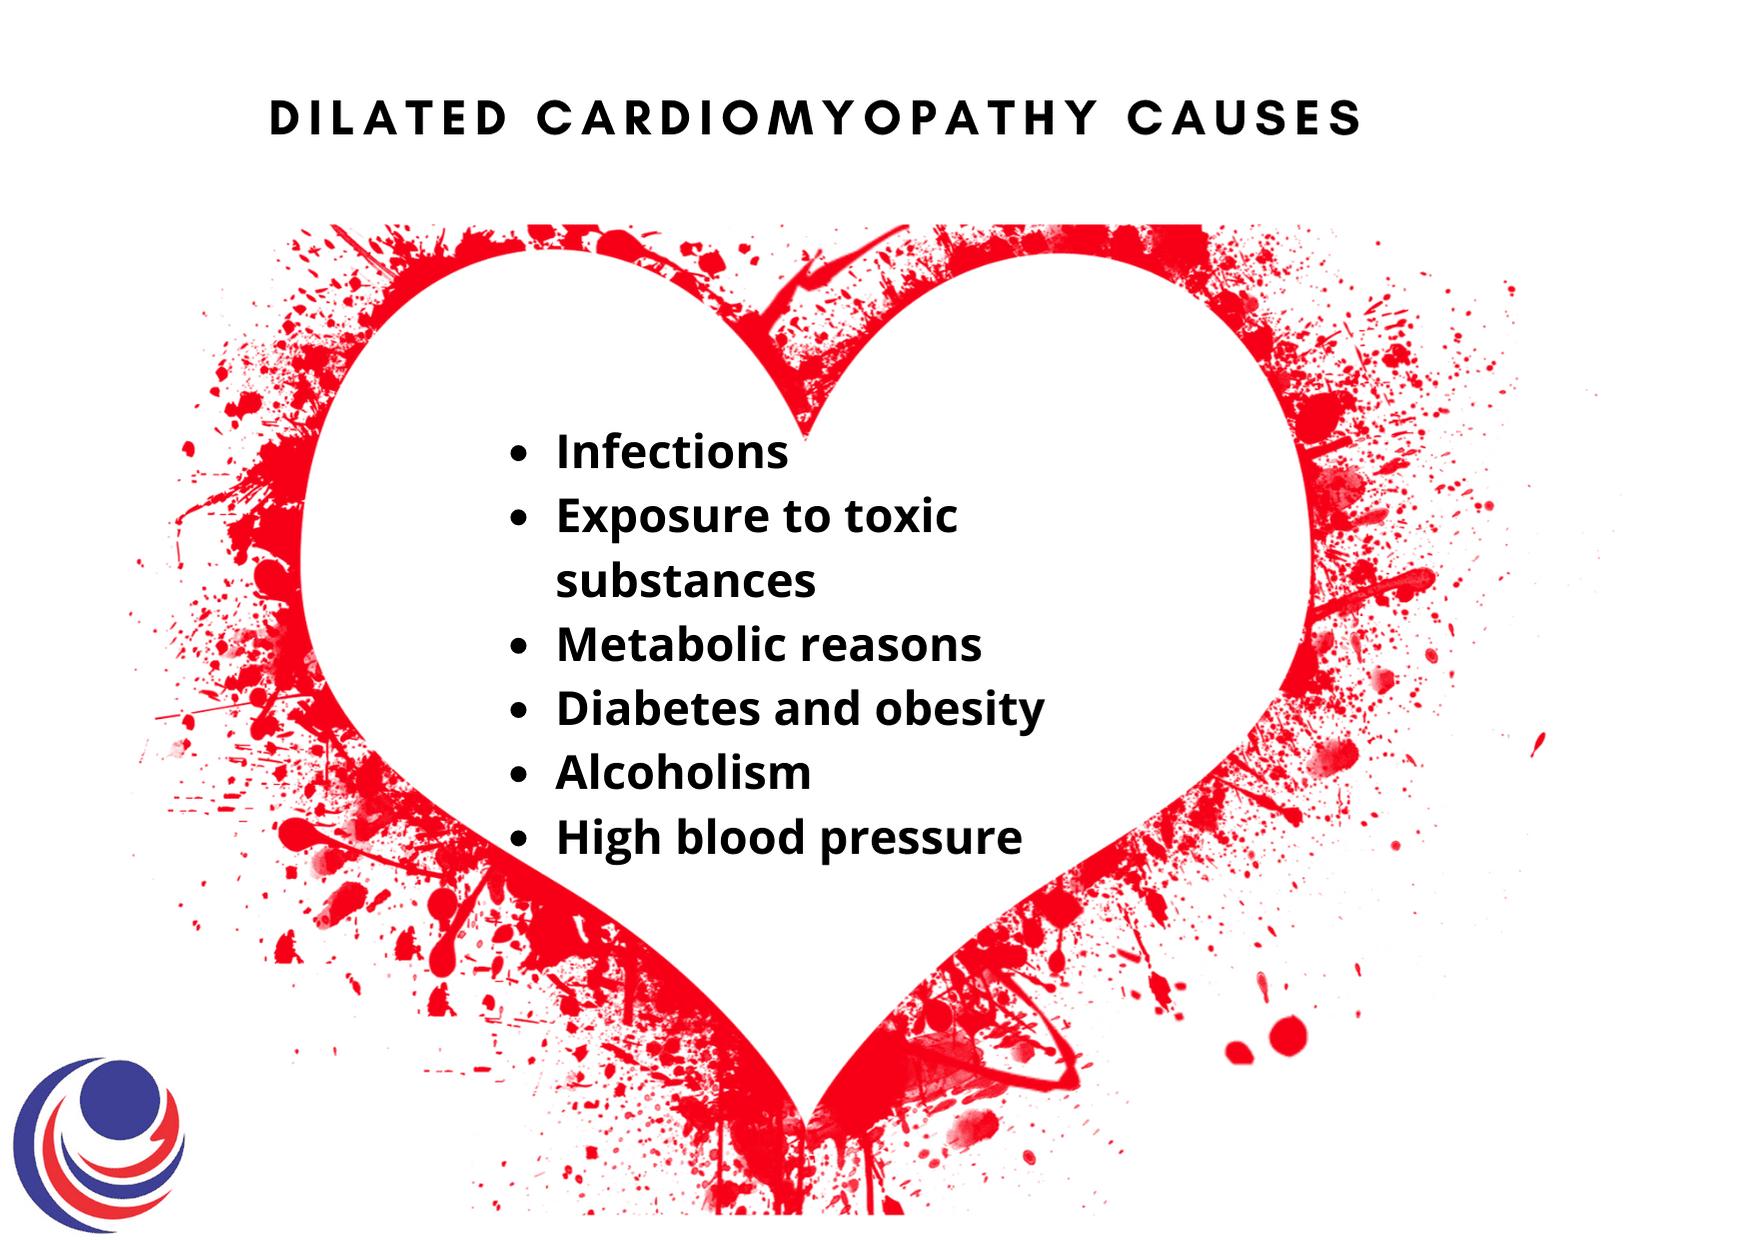 dilated cardiomyopathy causes